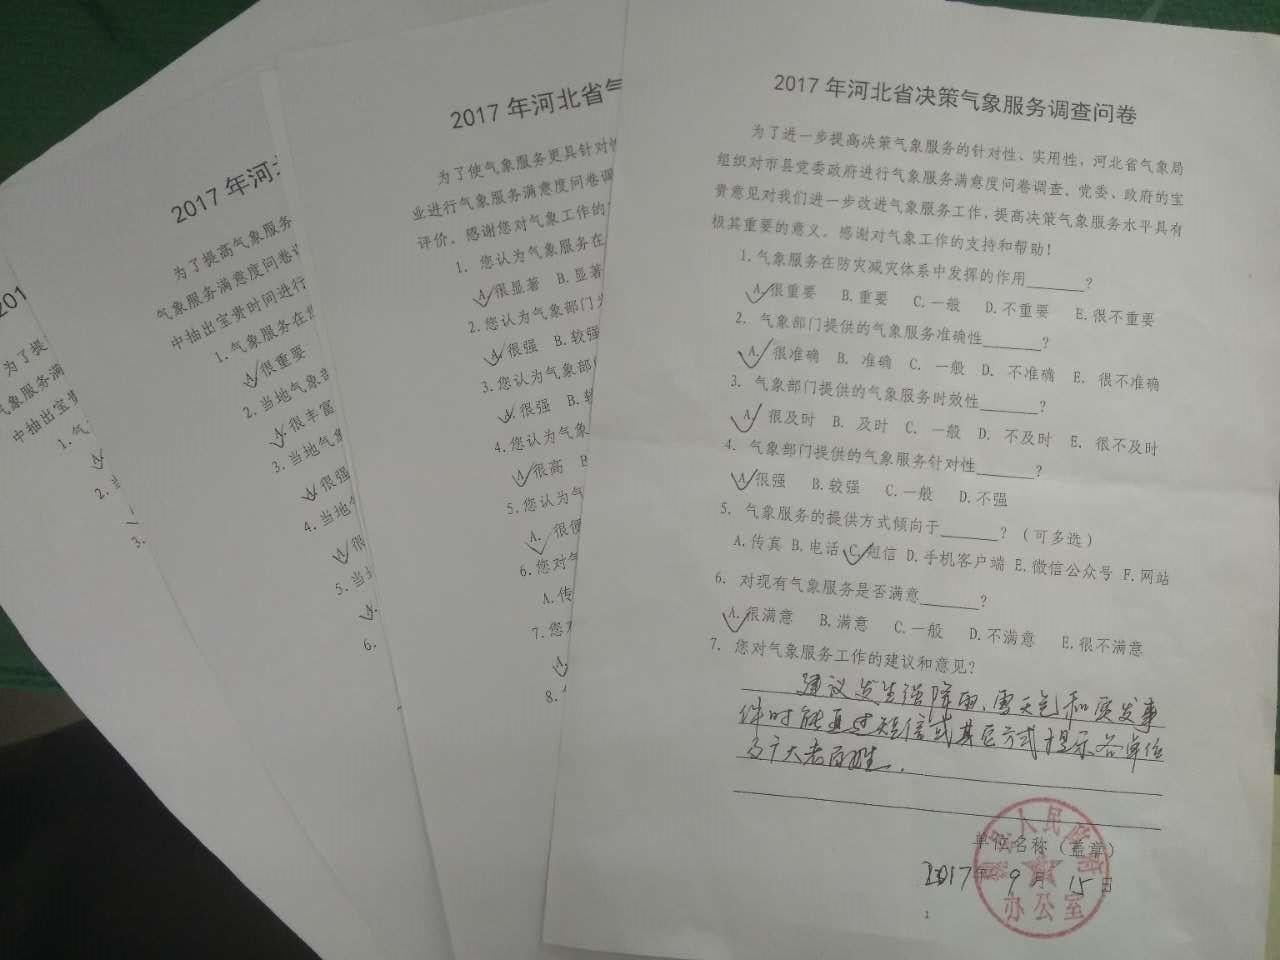 魏县气象局:积极开展2017年河北省气象服务满意度问卷调查活动 - 部门动态